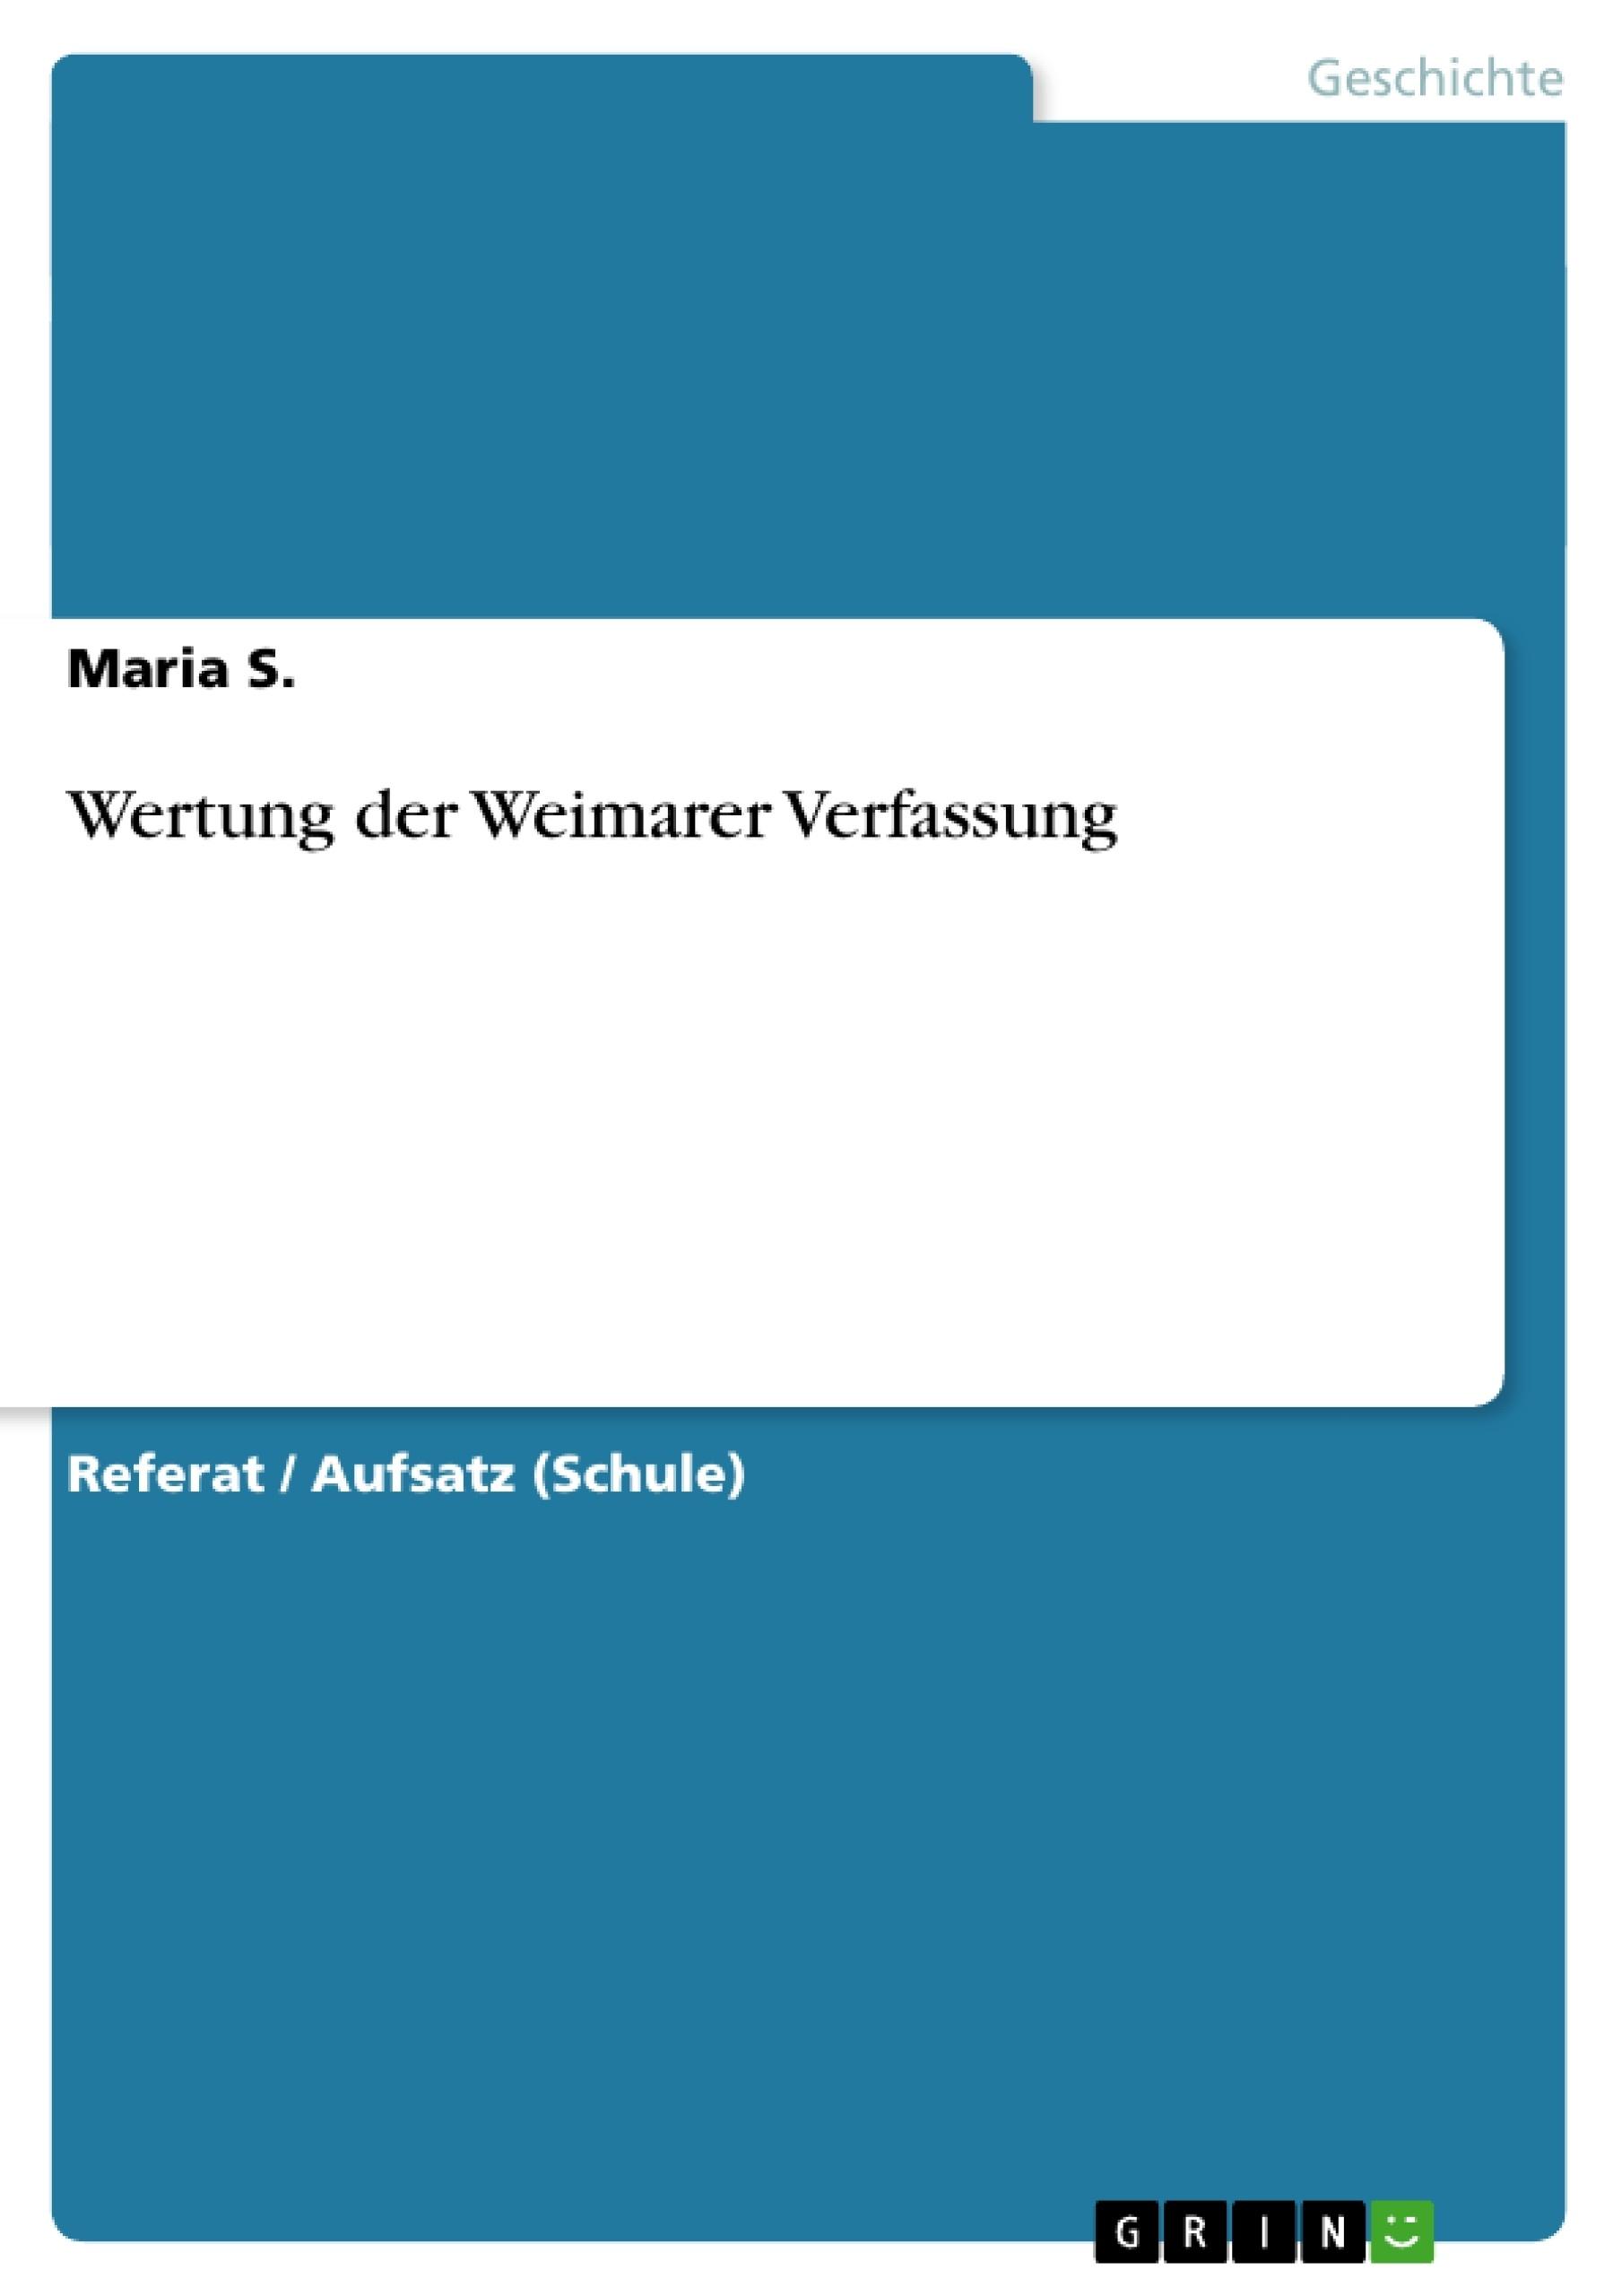 Titel: Wertung der Weimarer Verfassung